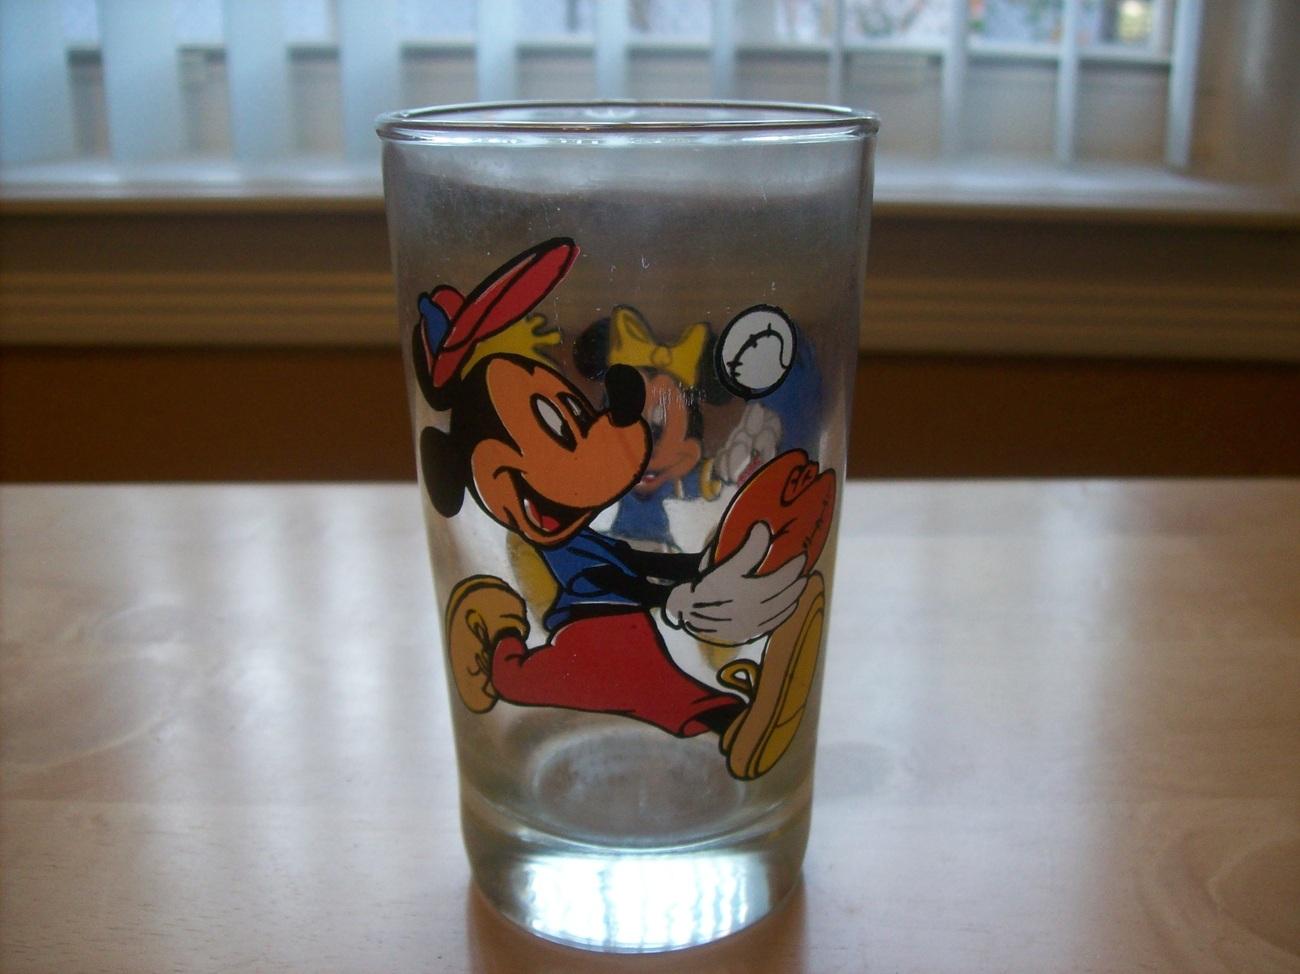 Disney Mickey & Minnie glass